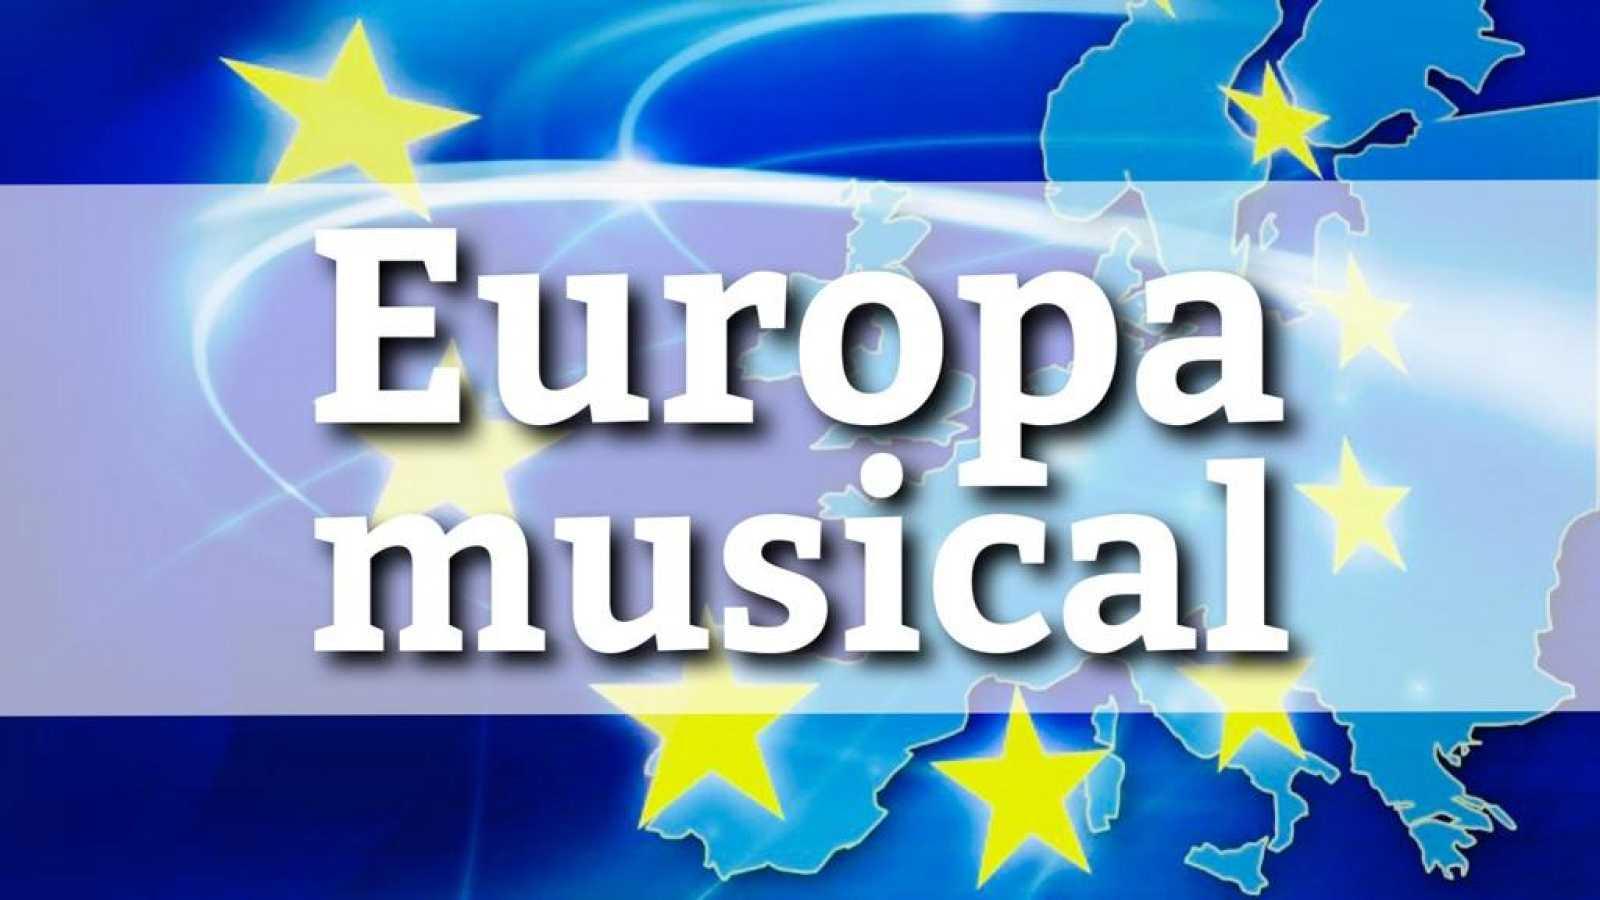 No es un día cualquiera - Europa musical - Andrés Salado - La Platea - 09/05/2021 - Escuchar ahora